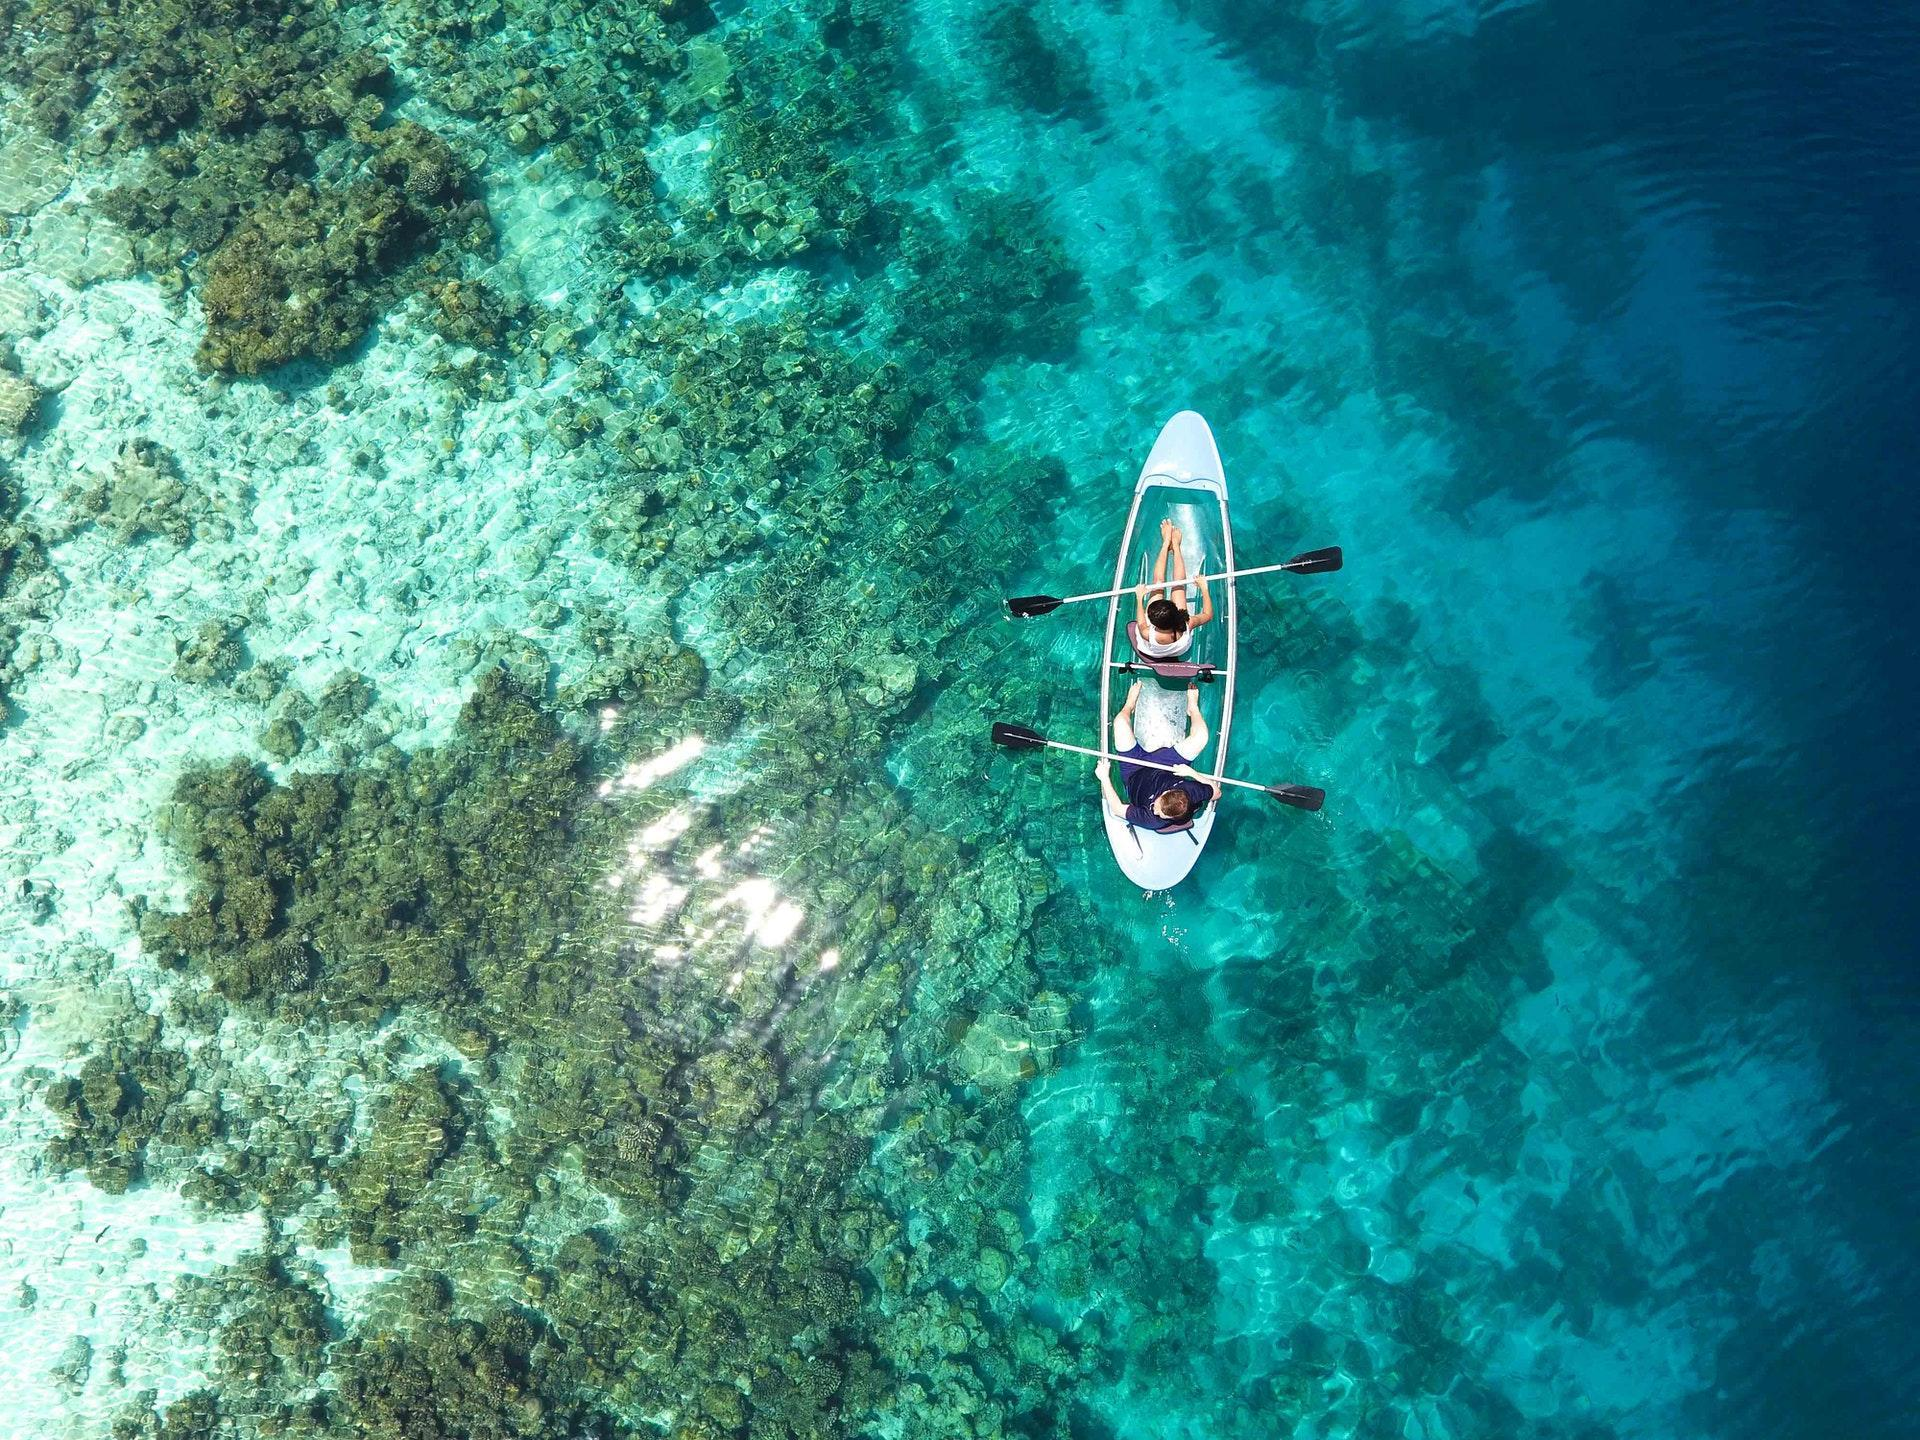 Maldivas - De Lugar Nenhum